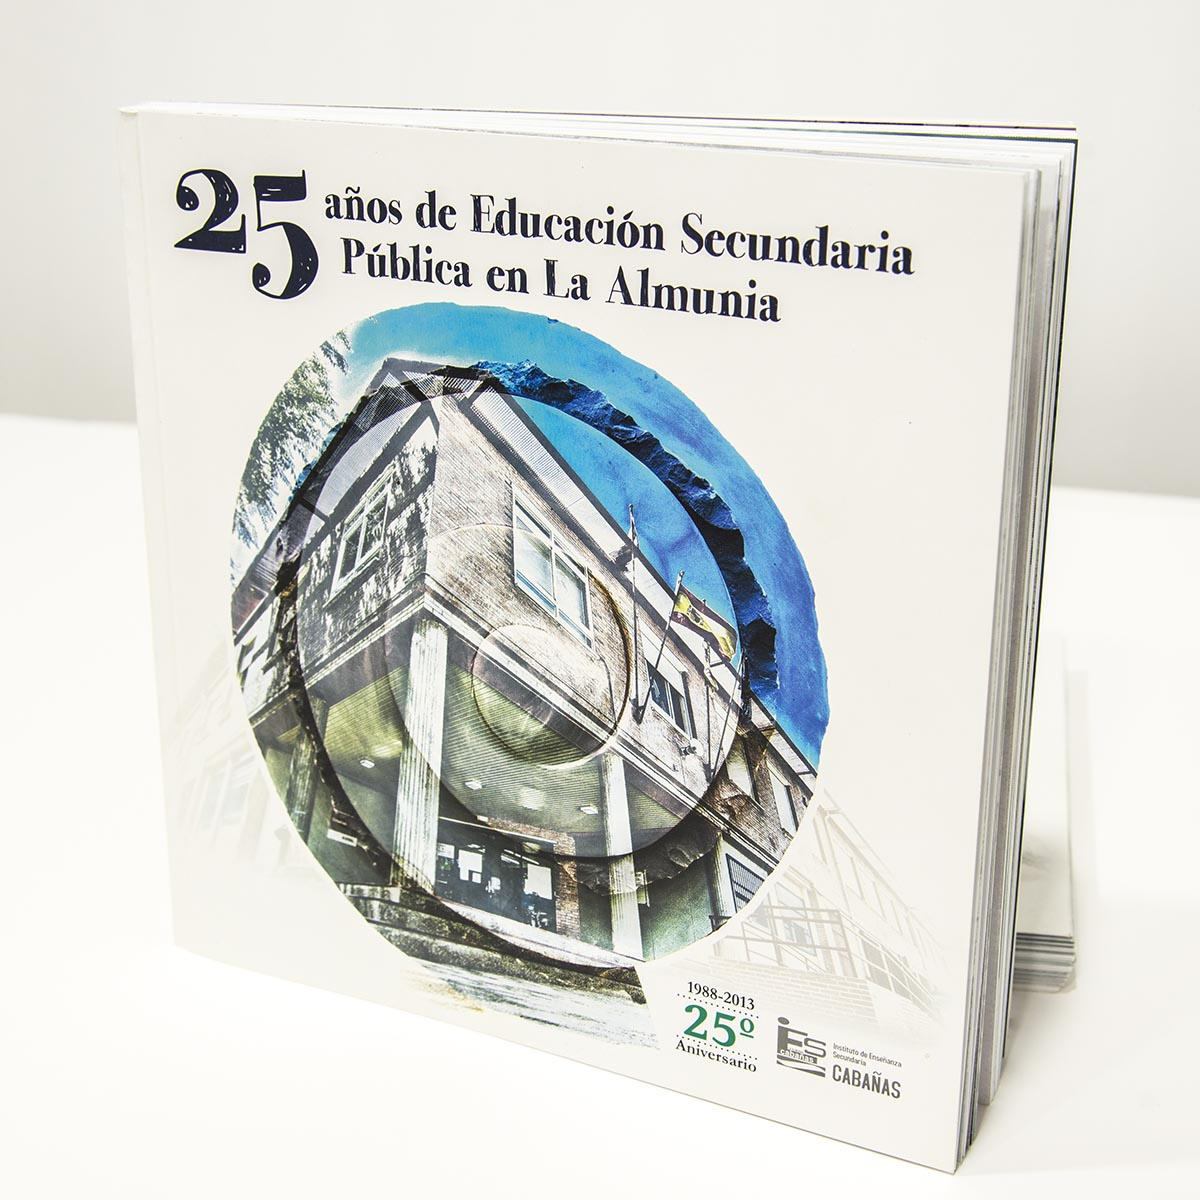 Libro 25 años de Educación Secundaria Pública en La Almunia